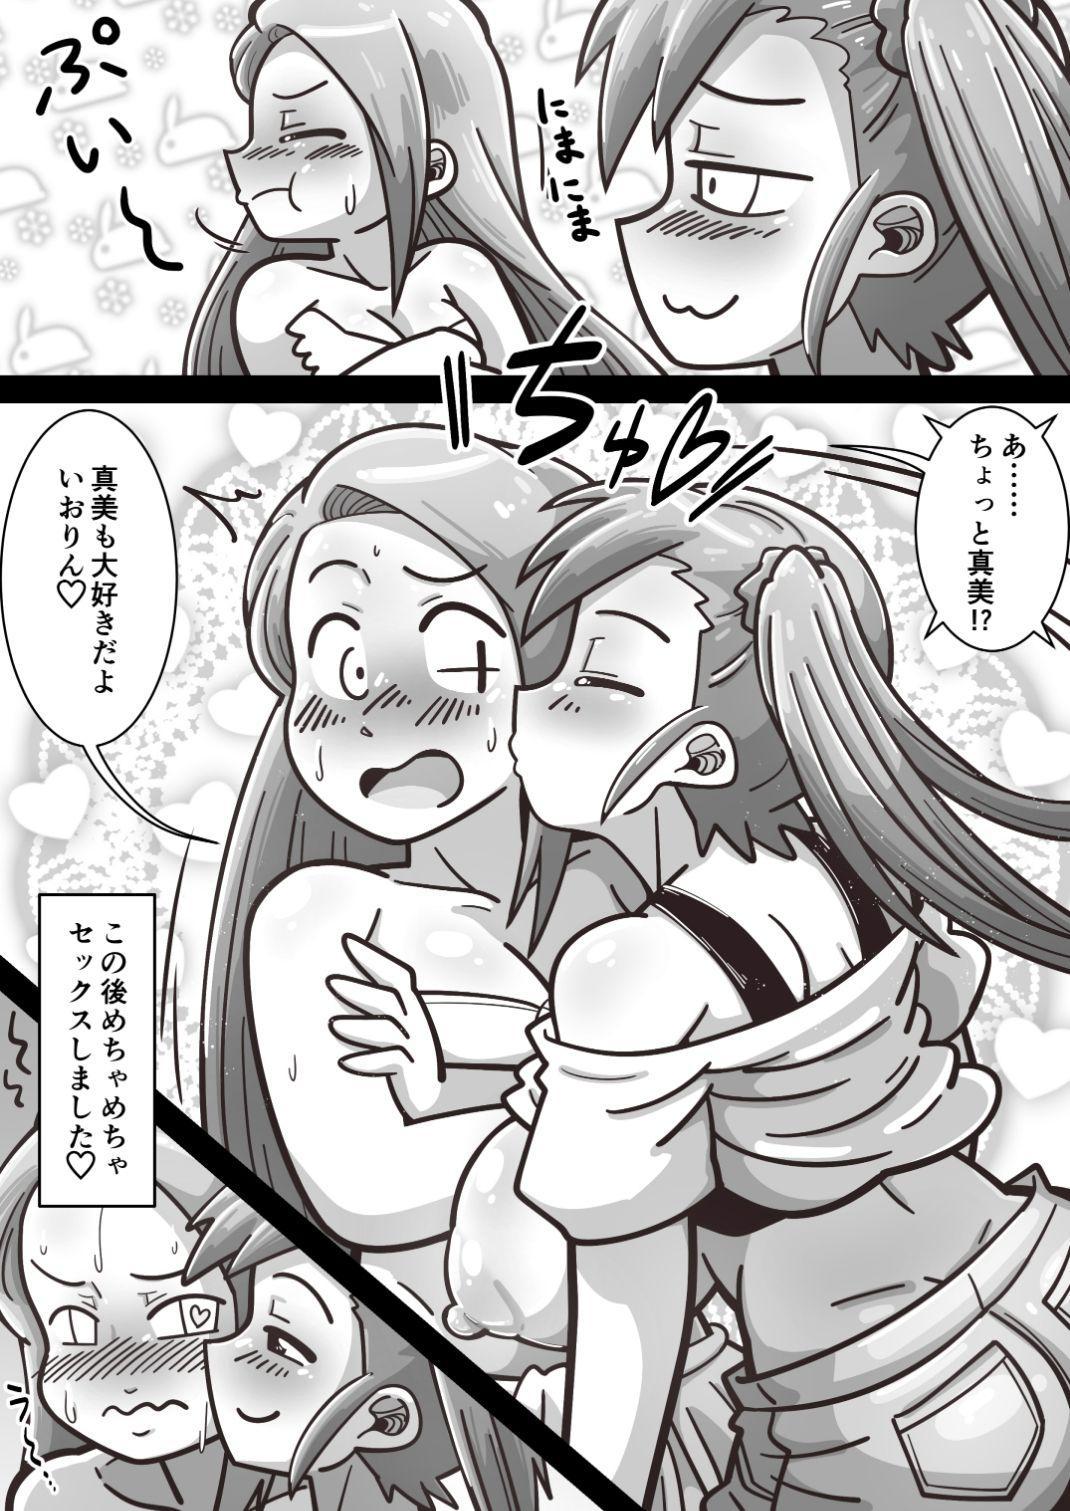 Futanari Iorin ga Mami no Oppai o Tannou suru Manga 15